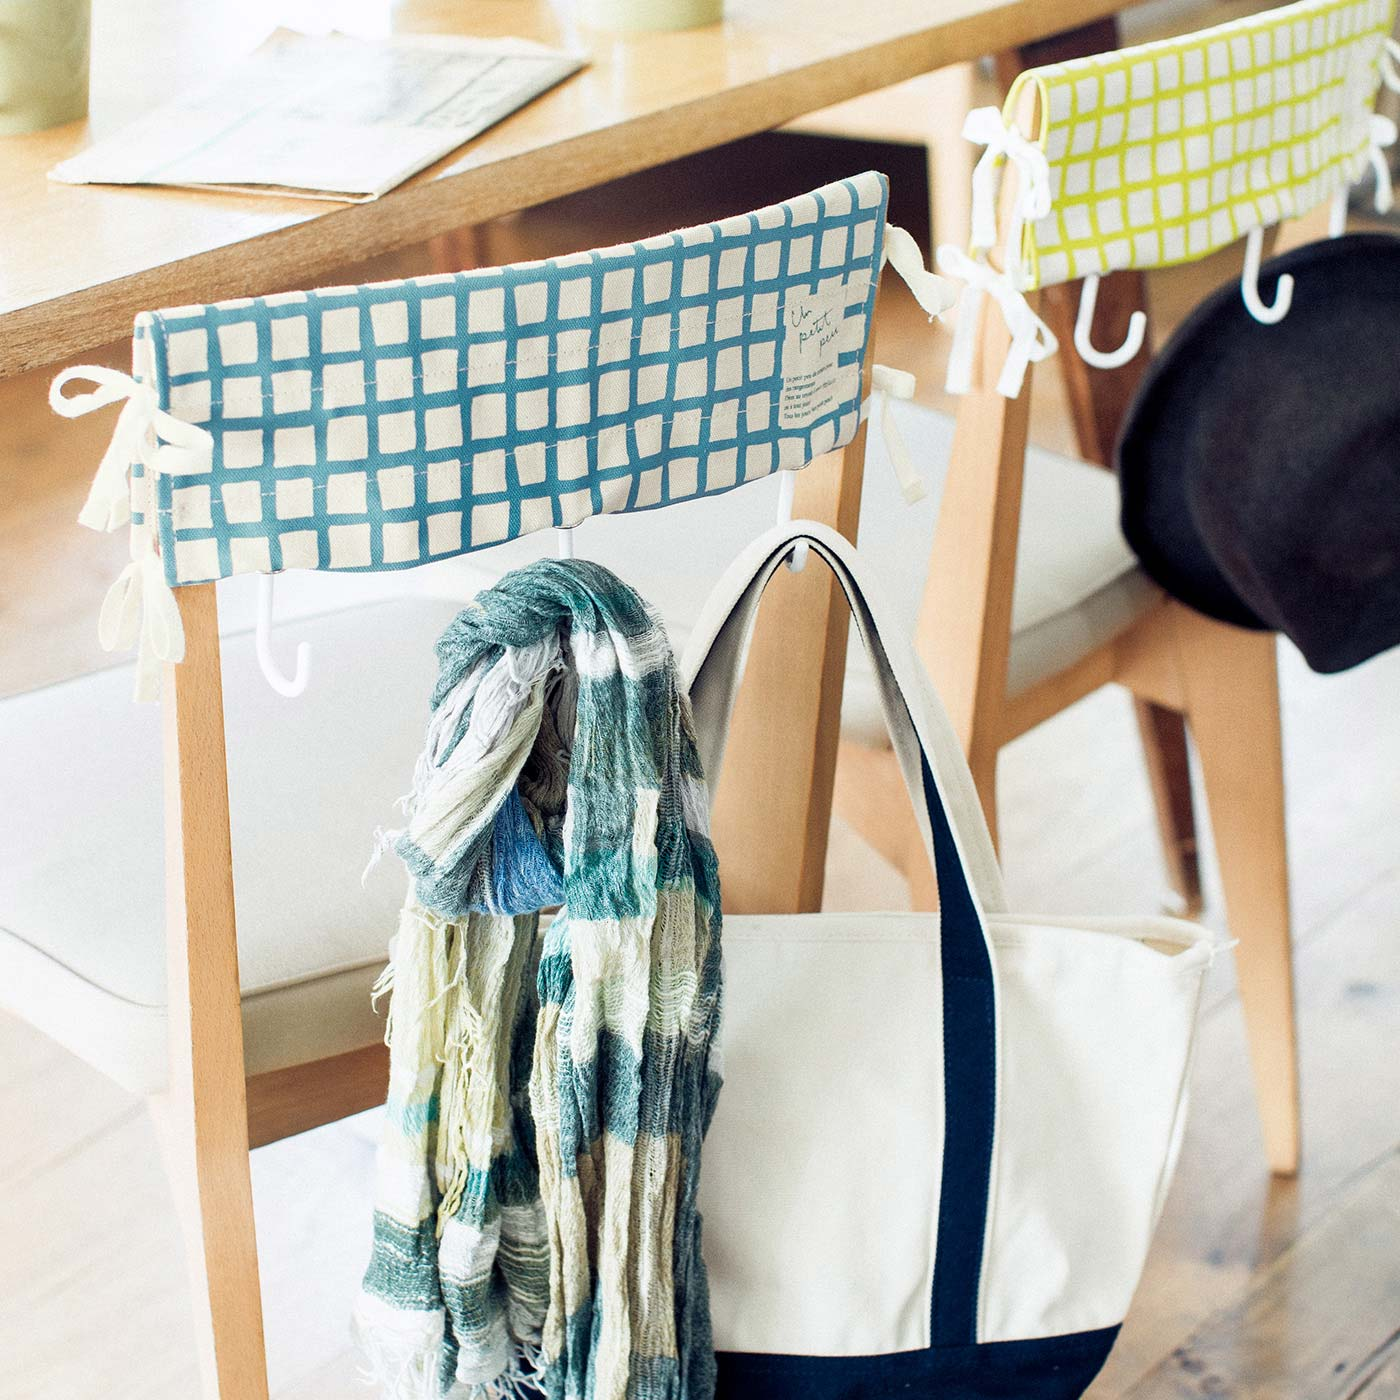 フェリシモ いすに付けてテーブルすっきり フック付きチェアカバーの会